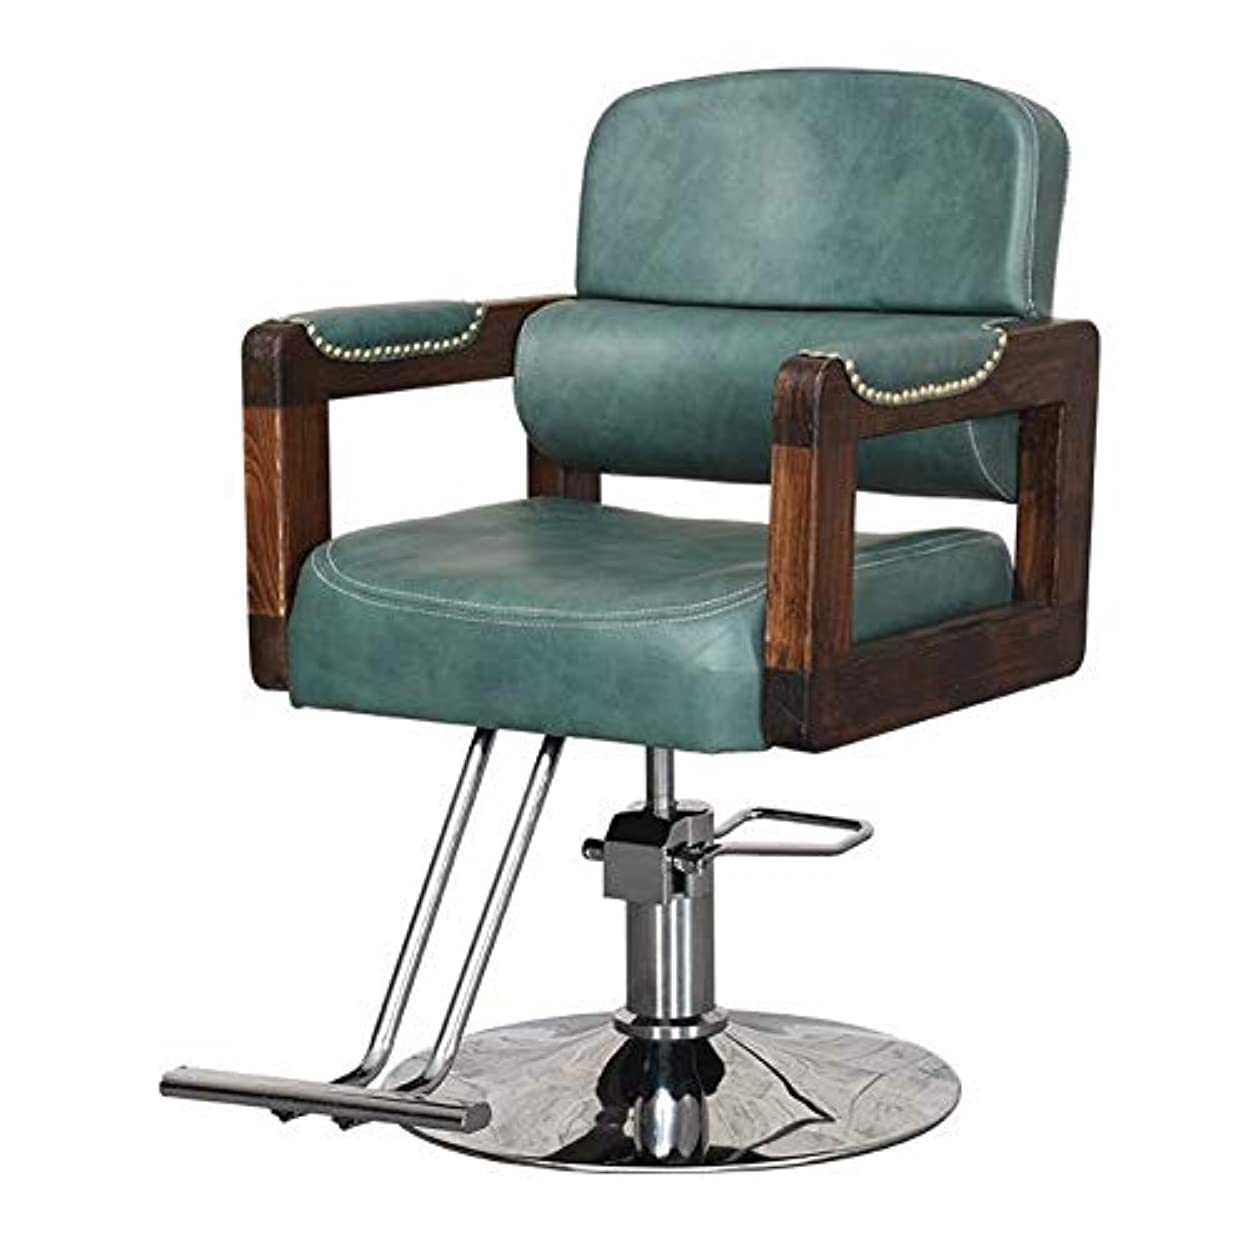 頬モンスター霜サロンの椅子は専門の油圧理髪店の椅子の大広間の美容院の鉱泉のモデリングチェアの円形の基盤を持ち上げるために回すことができます,Brown,B